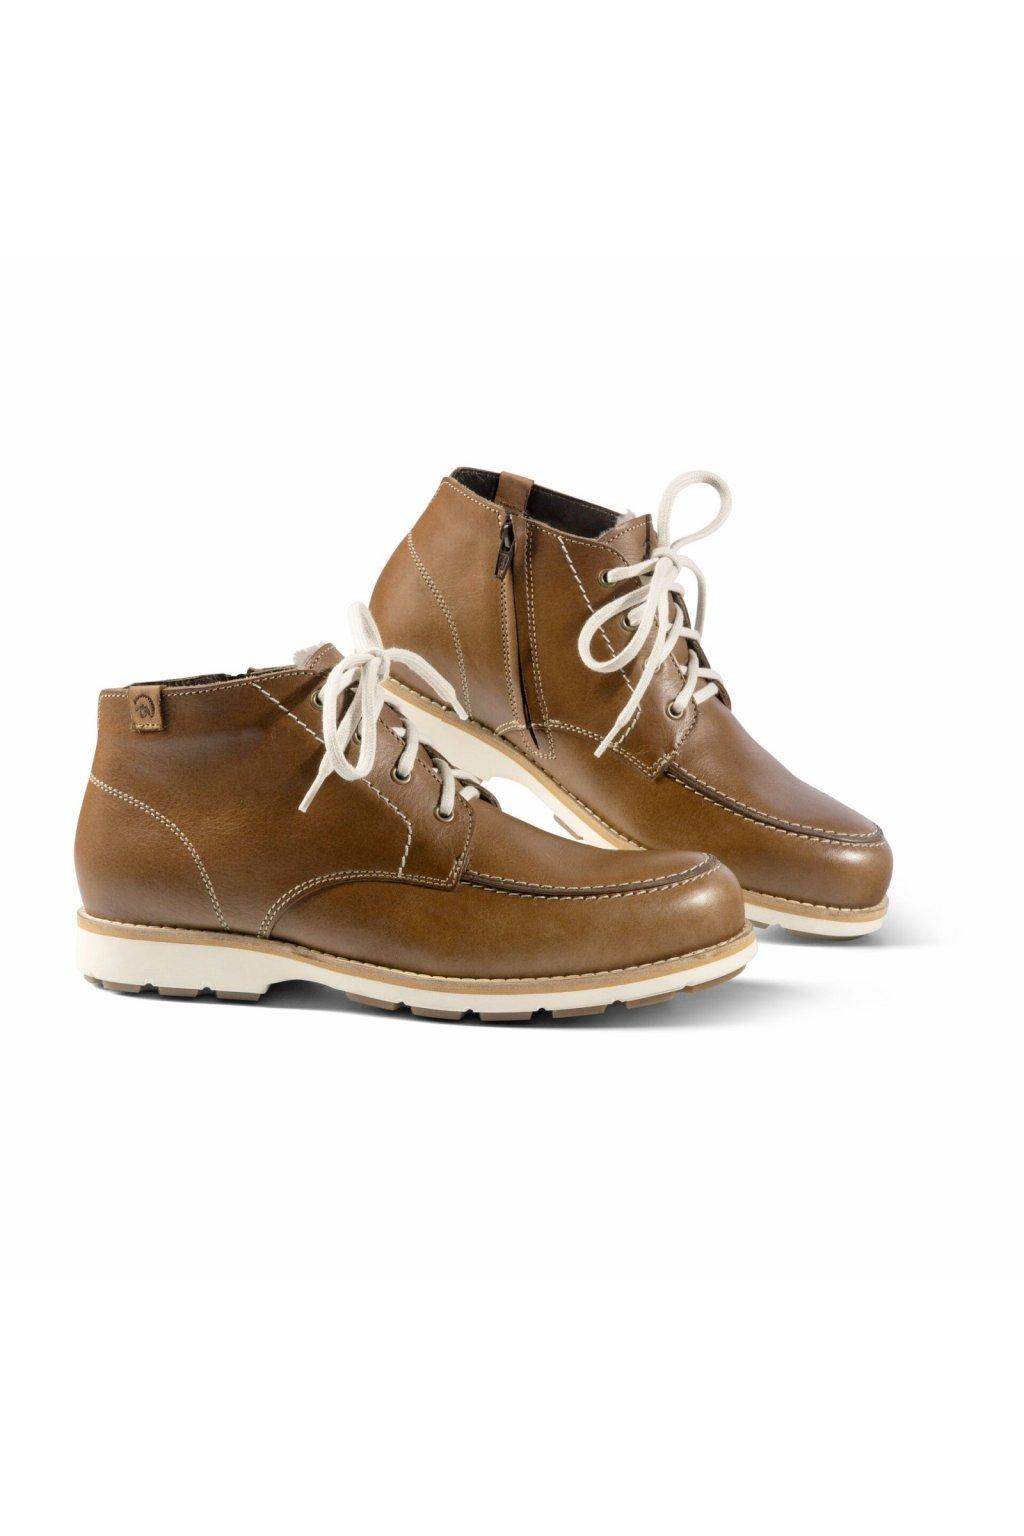 sneaker walker haselnuss oipz133sqxjre4